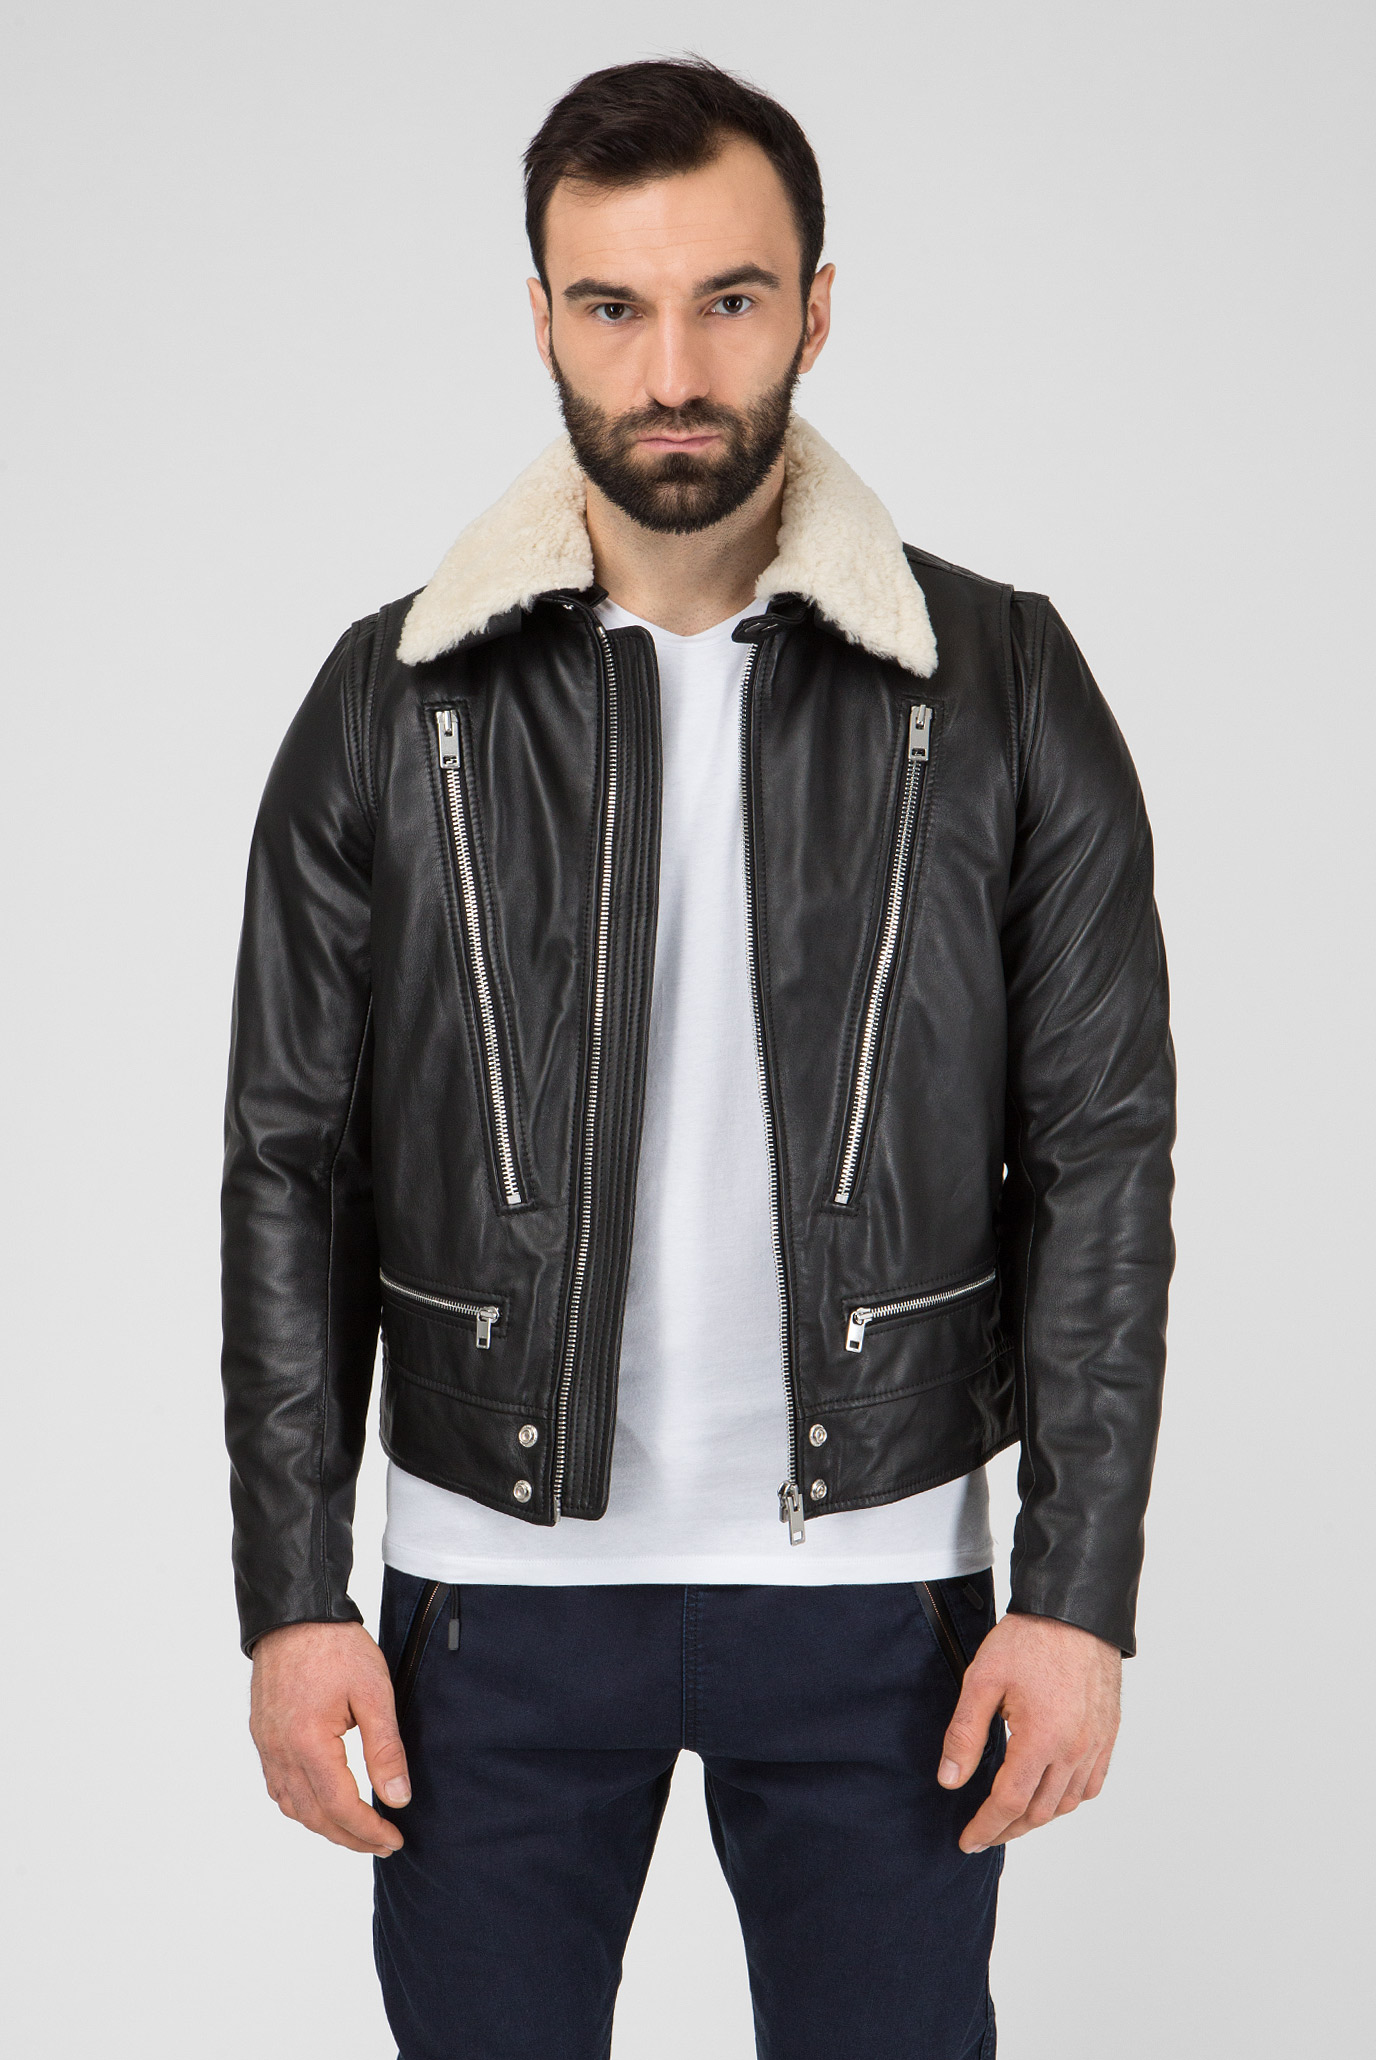 Купить Мужская черная кожаная куртка L-NED GIACCA Diesel Diesel 00SIFS 0NARP – Киев, Украина. Цены в интернет магазине MD Fashion